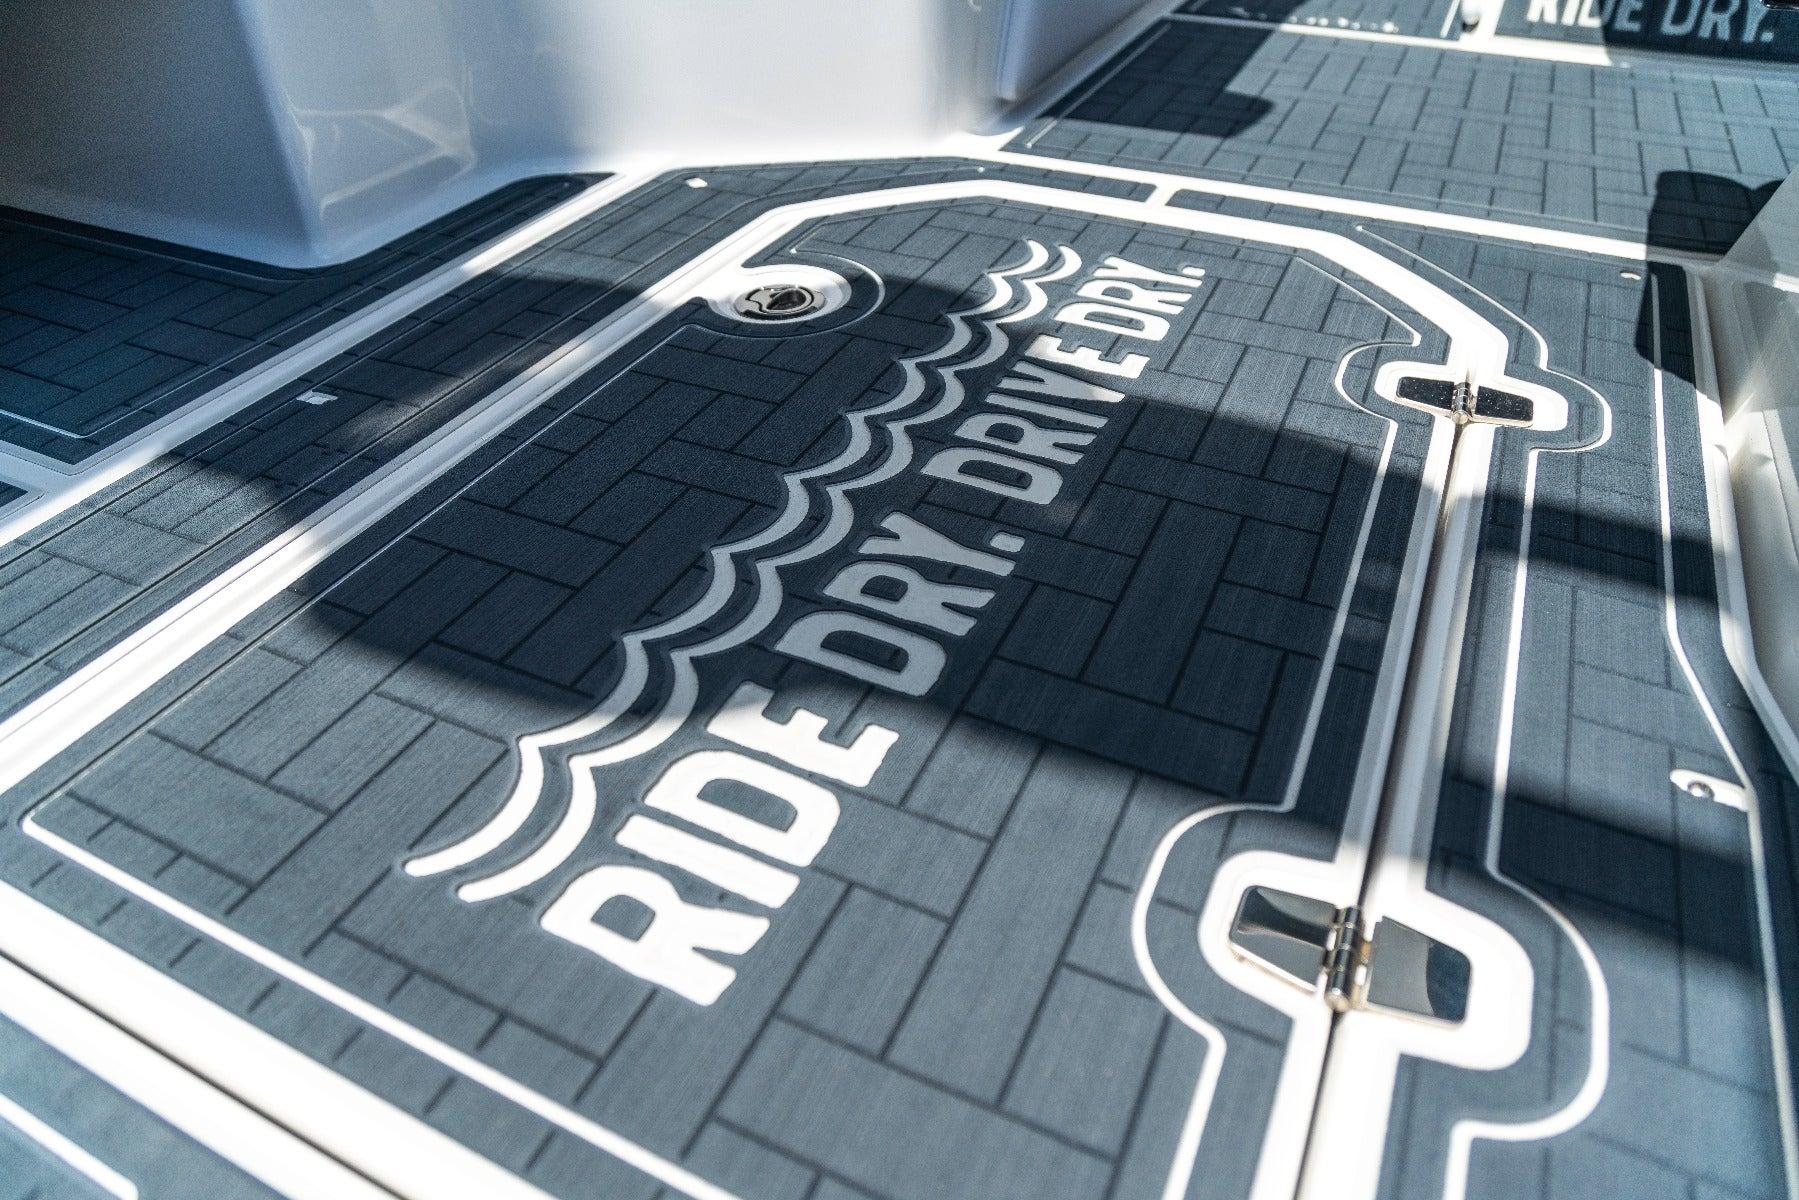 rddd_logo